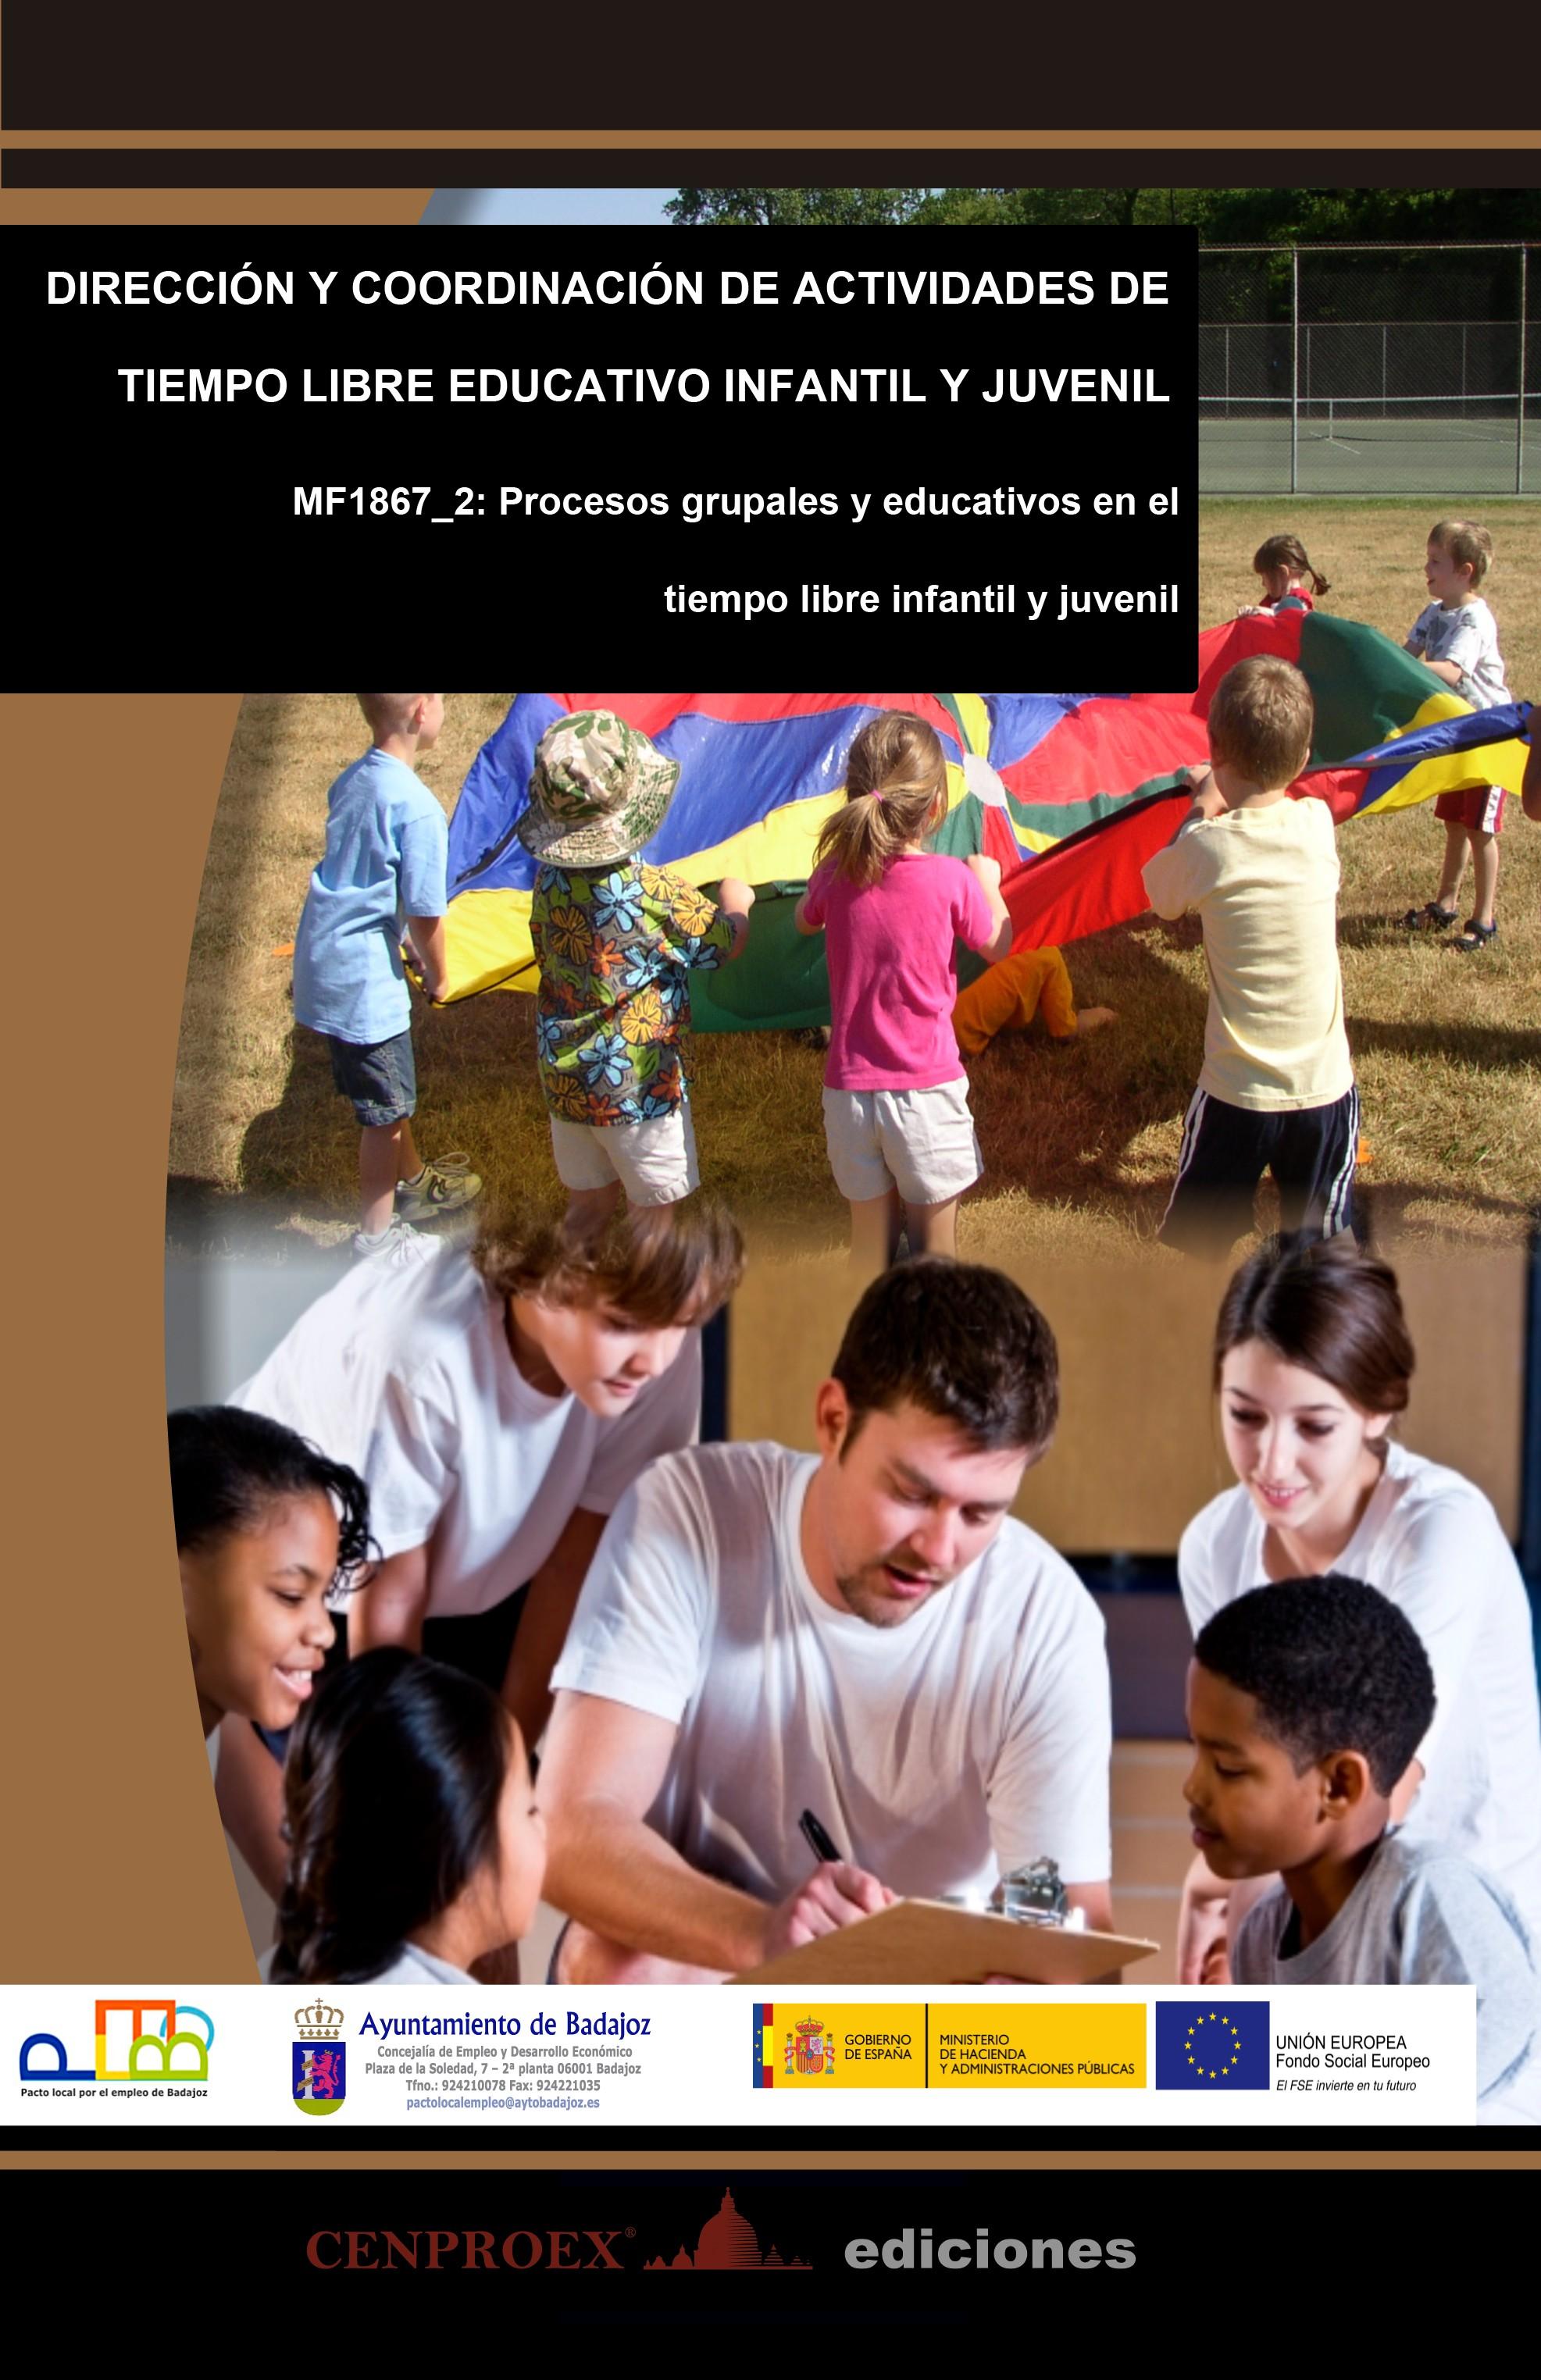 102. Dirección y Coordinación de Actividades de Tiempo Libre Educativo Infantil y Juvenil